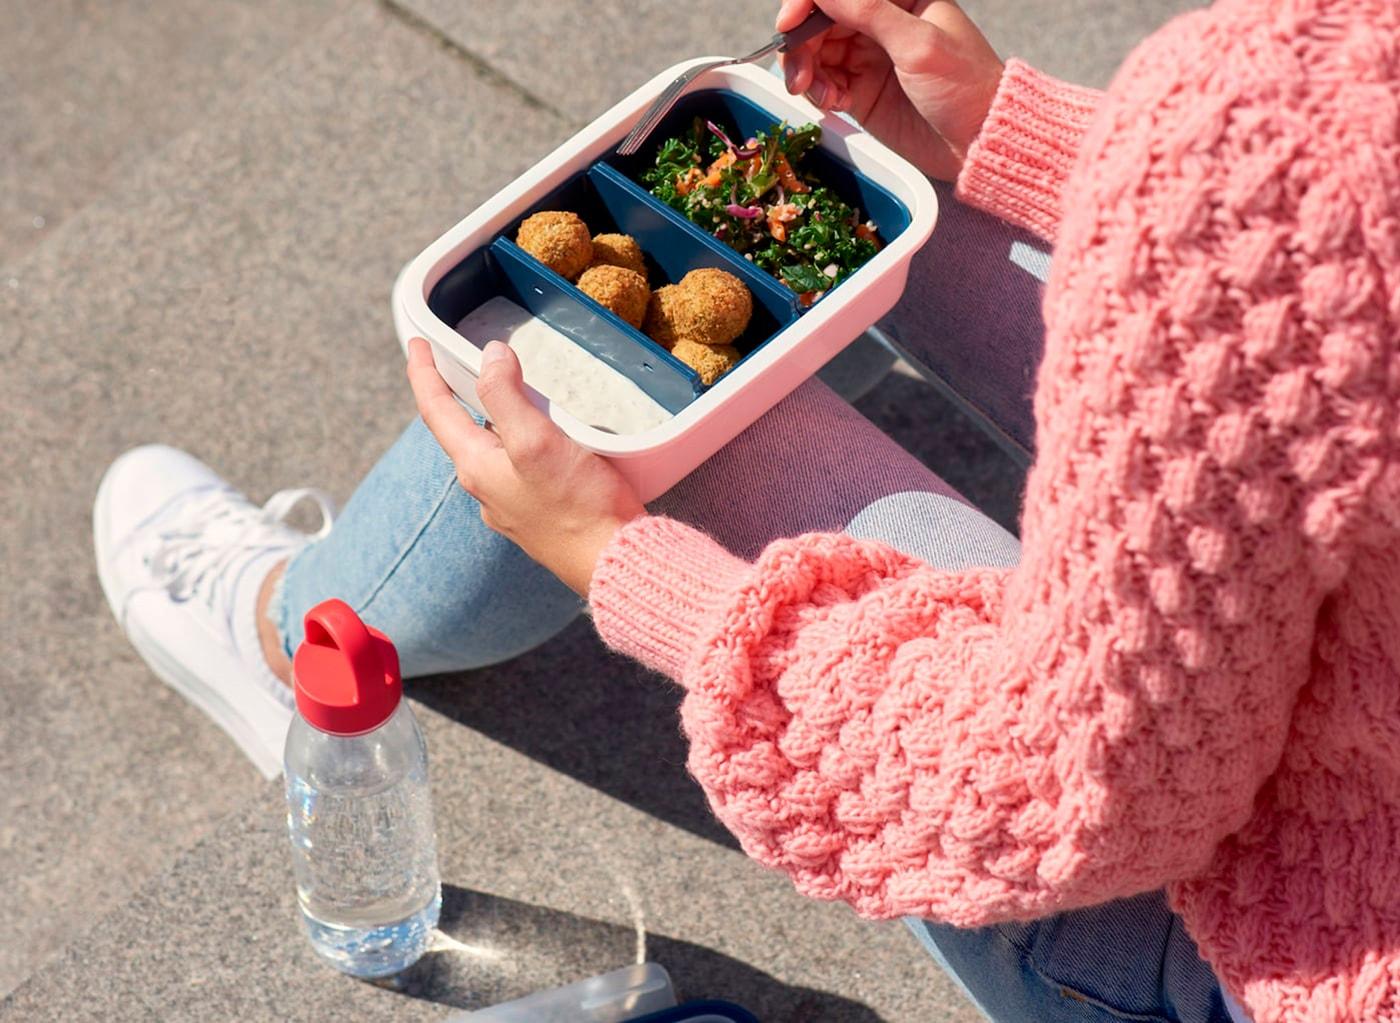 IKEA 플라스틱 식품보관용기에 담긴 도시락을 먹고 있는 한 여성과 그 옆에 놓인 투명 플라스틱 물병